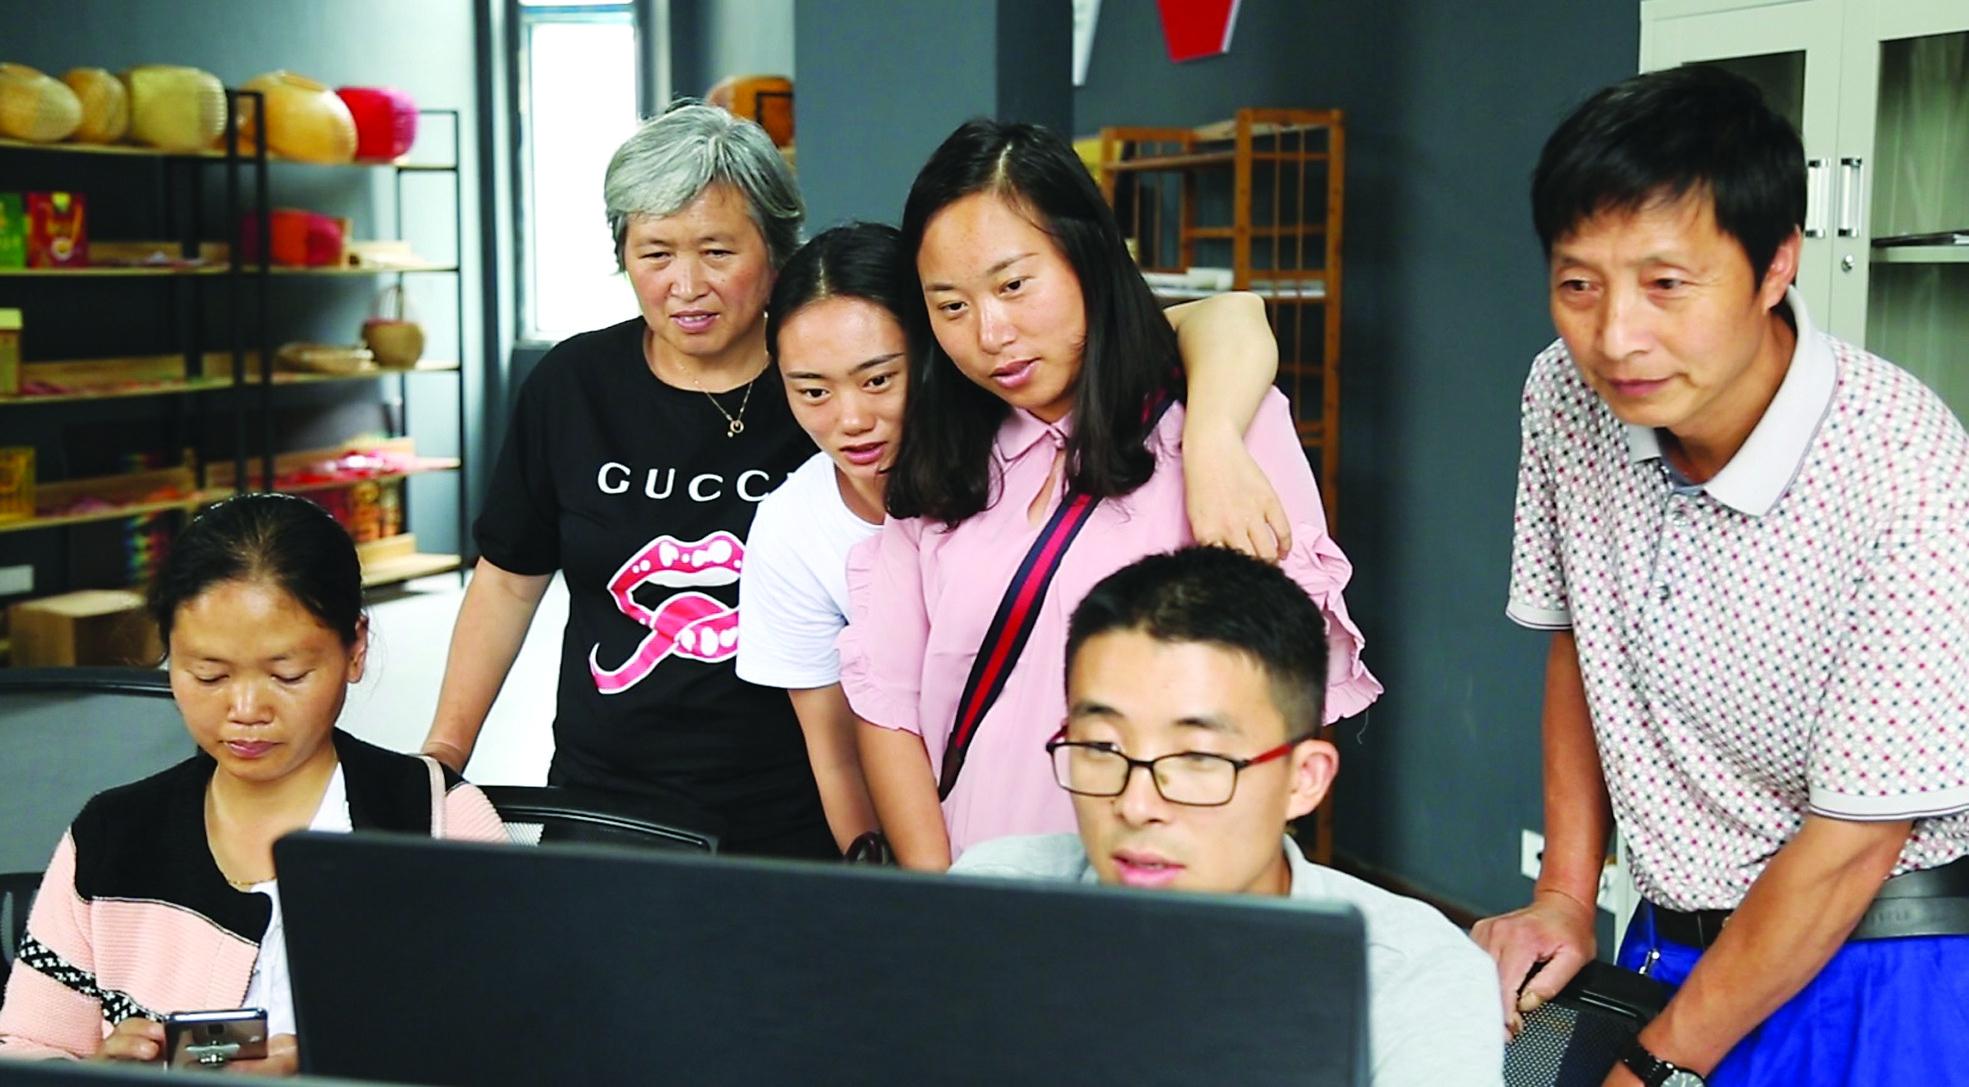 助力脱贫攻坚 蓄力乡村振兴重庆农村电商发展成效显著